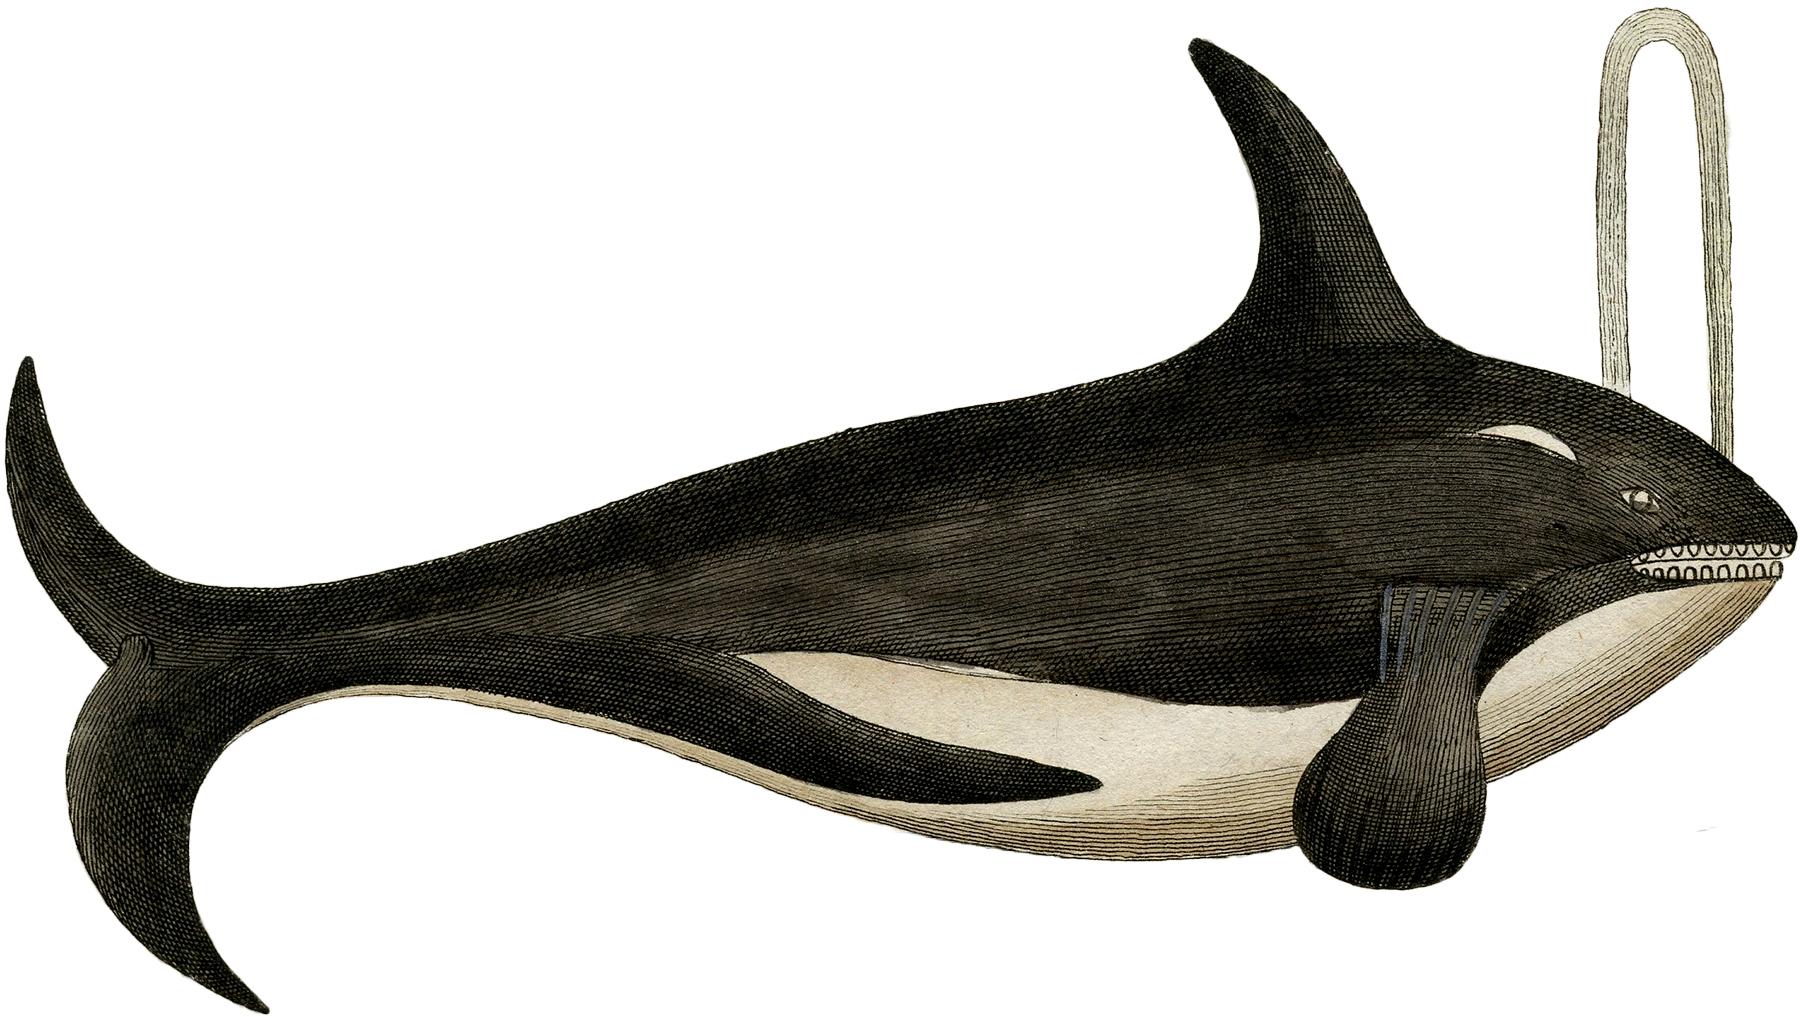 antique killer whale image